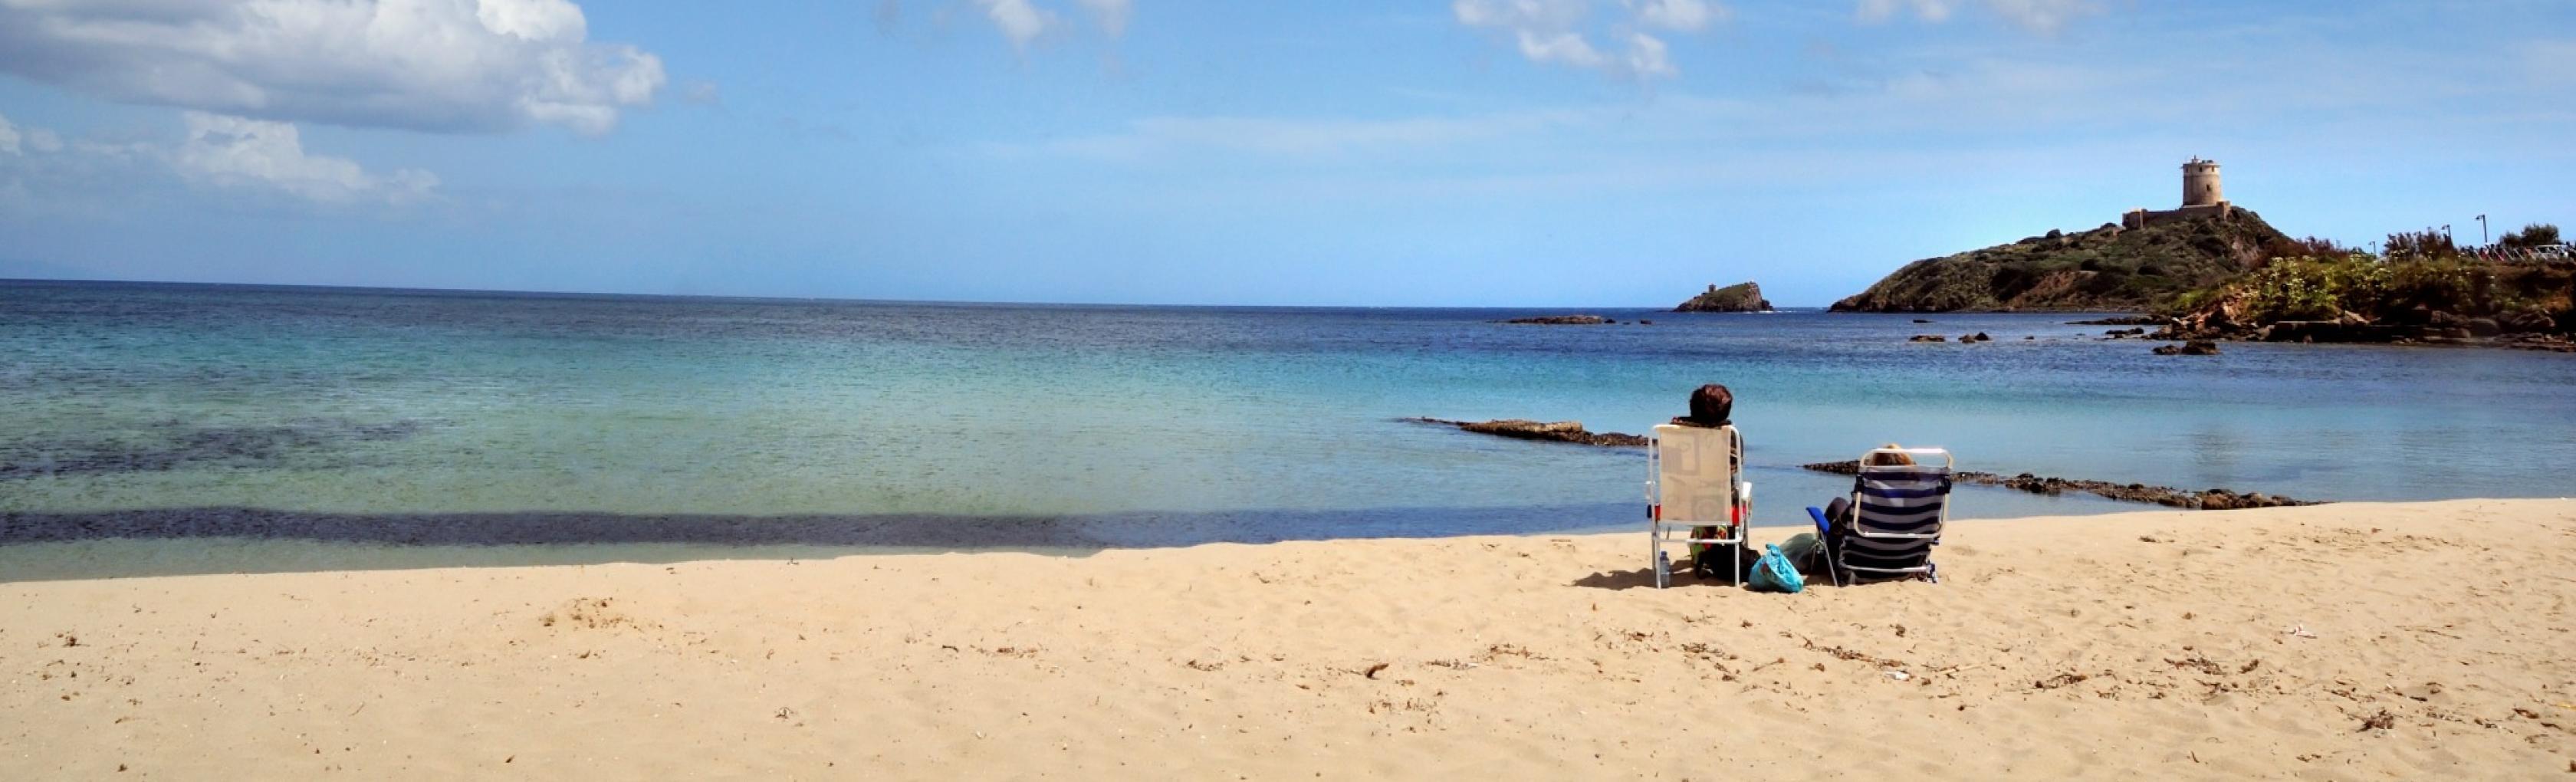 Spiaggia di Nora - Pula